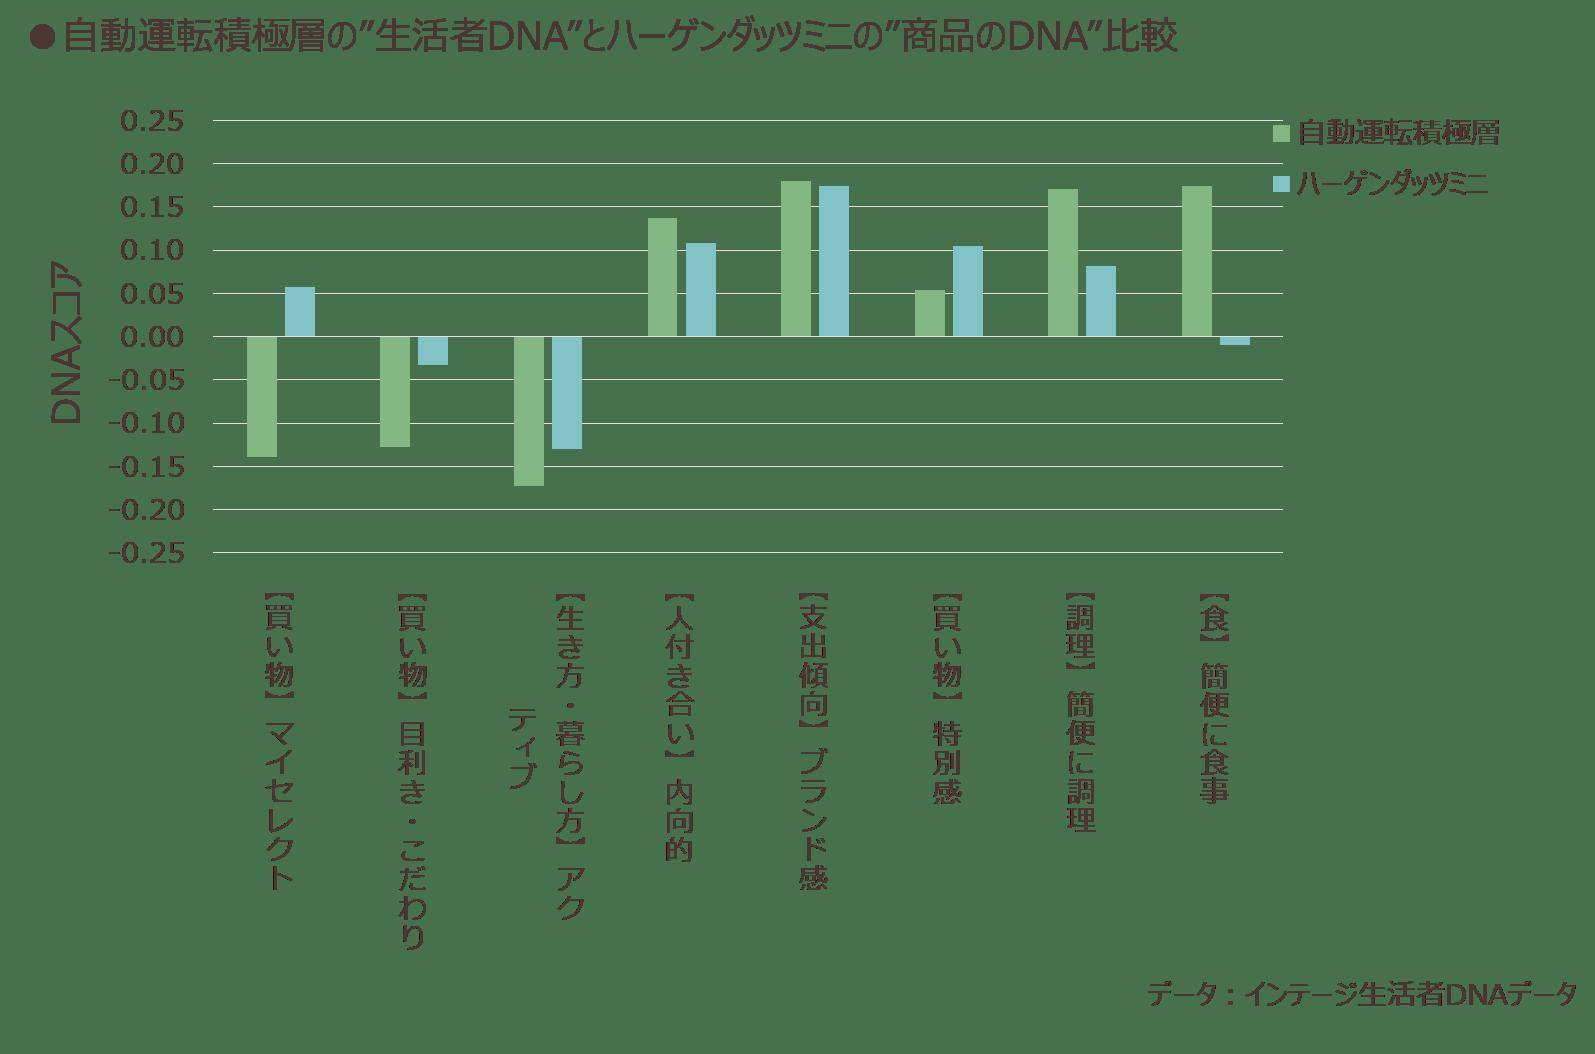 """自動運転積極層の""""生活者のDNA"""" と、ハーゲンダッツミニの""""商品のDNA""""比較"""